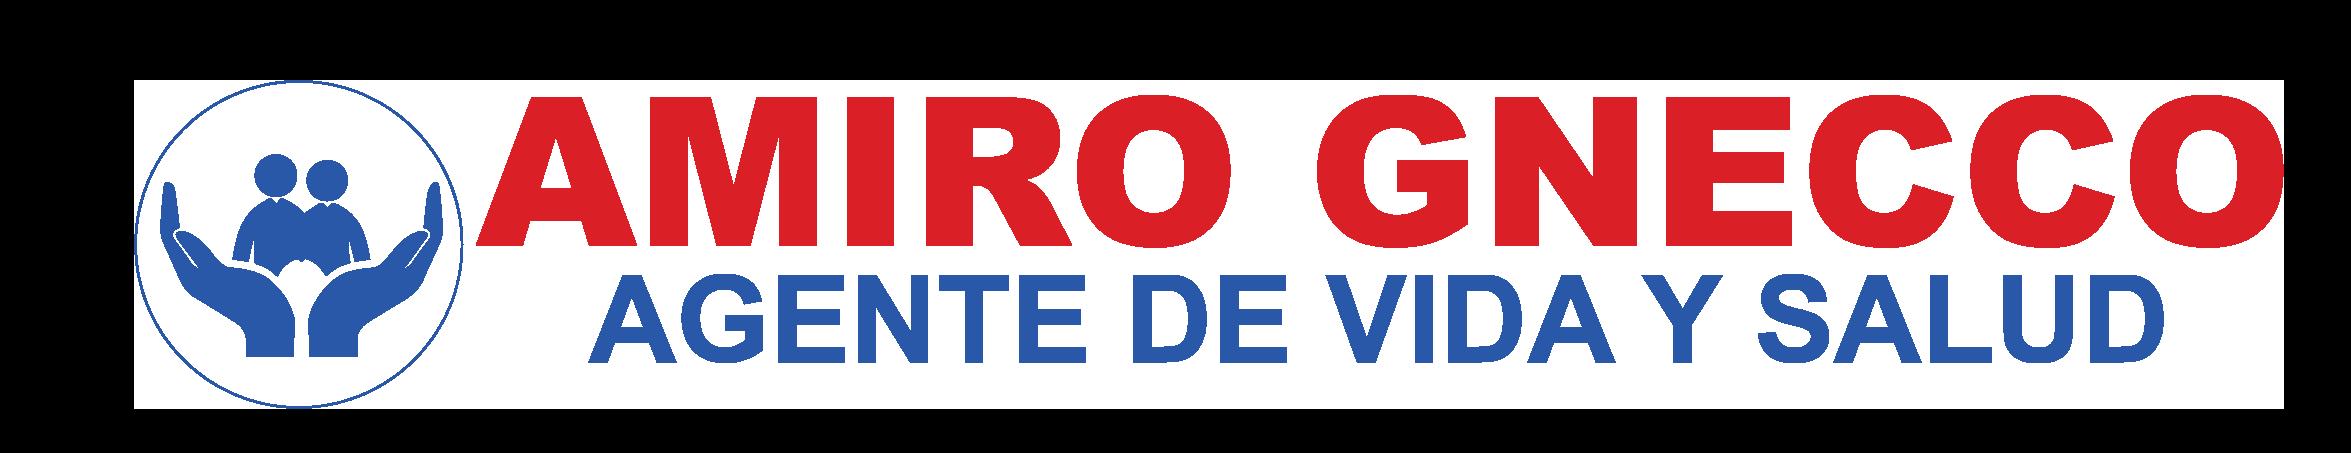 AMIRO GNECCO